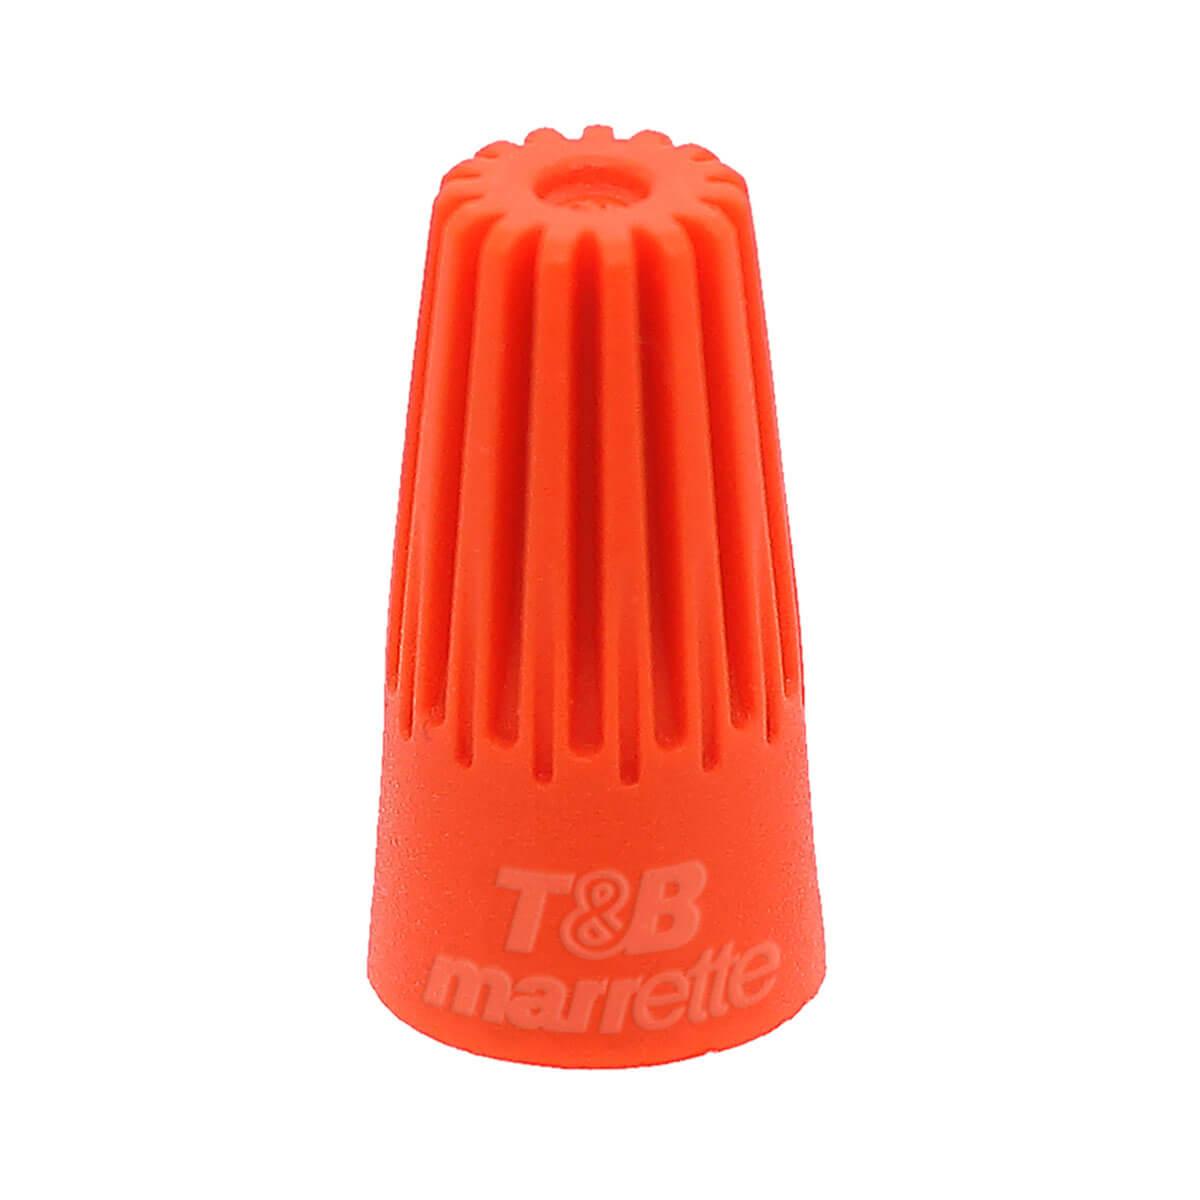 No. 331 Orange Wire Connector - 20 pack